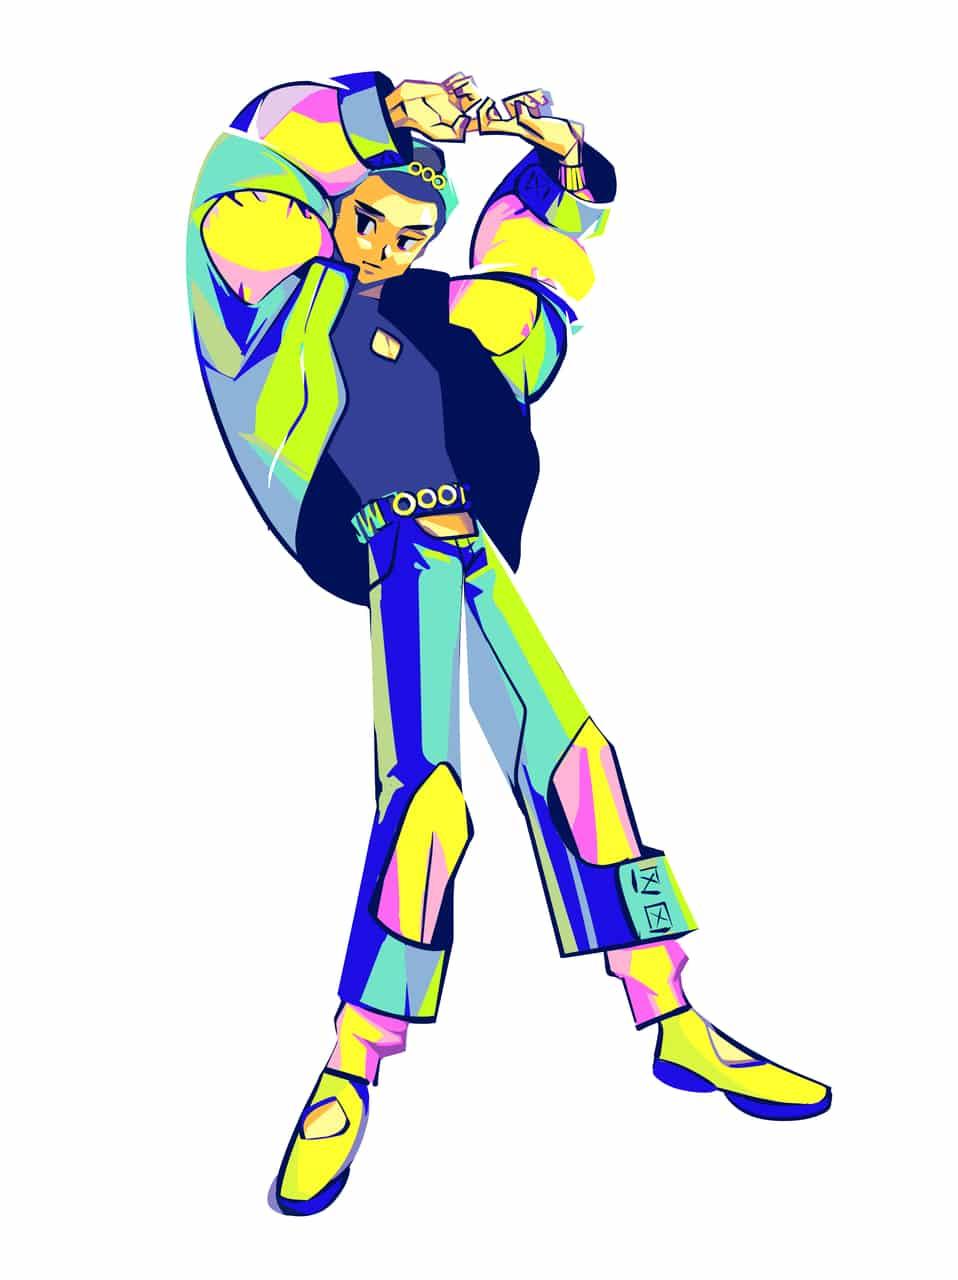 スペクトラム Illust of 吉村 sci-fi April.2020Contest:Color illustration 男の子イラスト 立ち絵 坊主 ホログラム boy カラフル キャップ cyberpunk